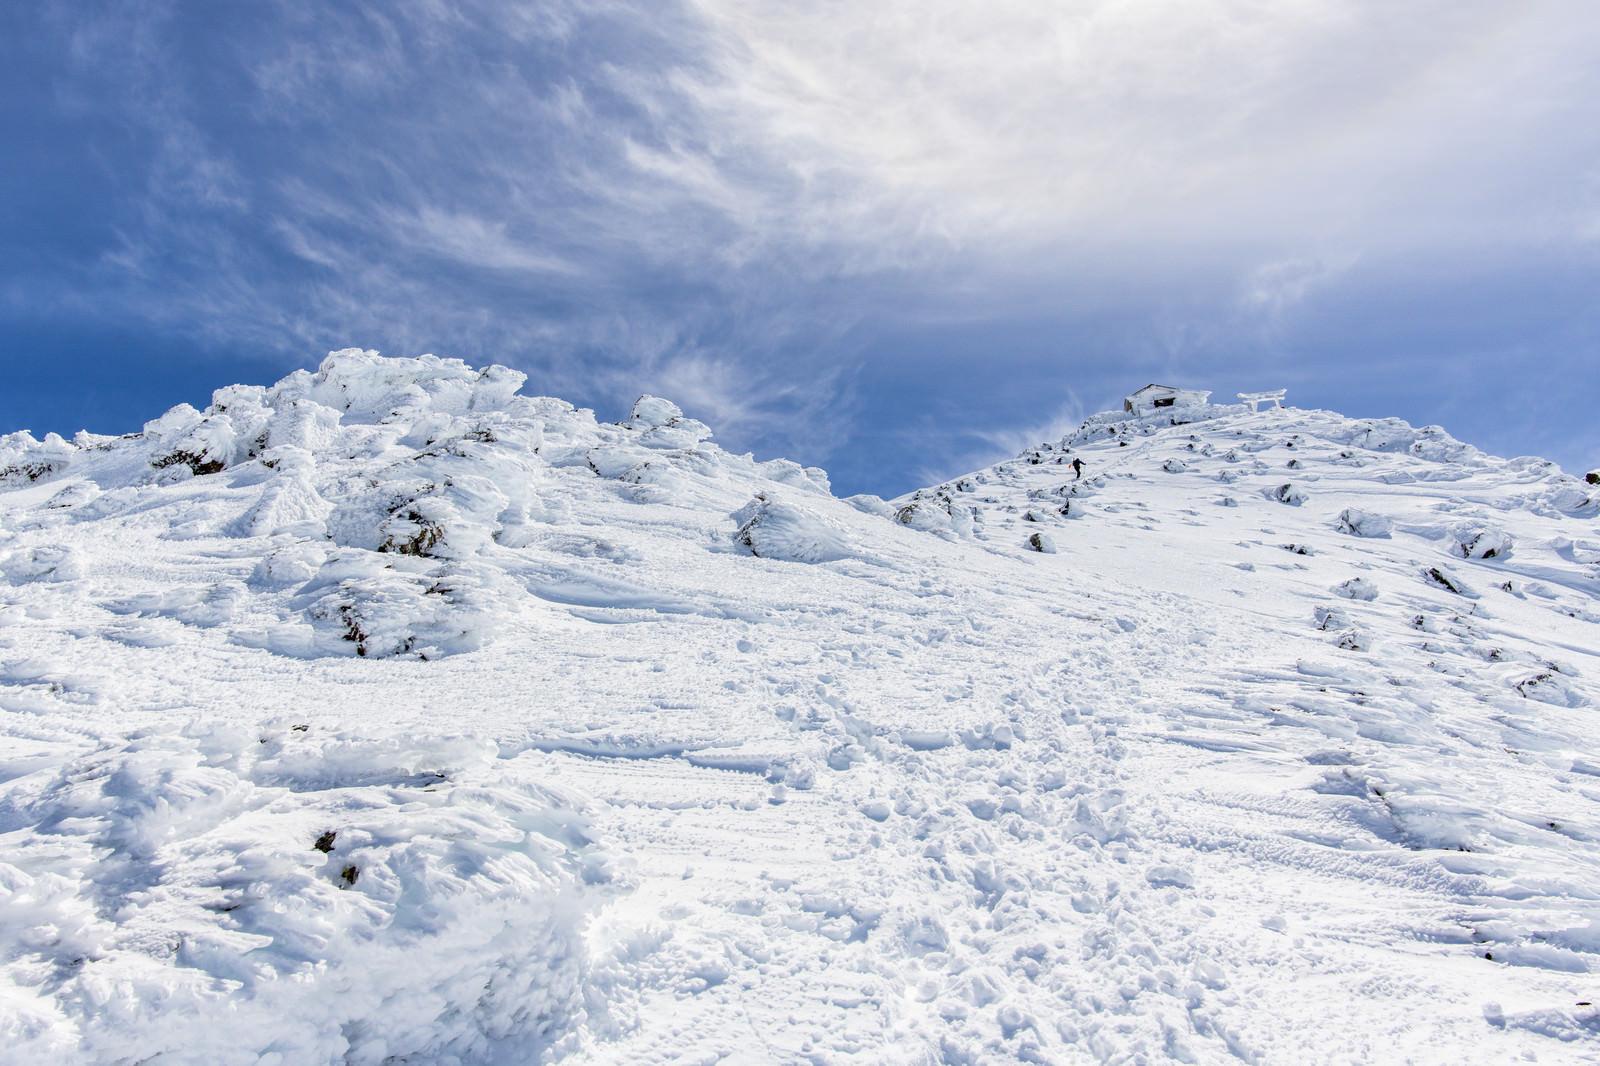 「風雪で発達したエビの尻尾と乗鞍岳山頂」の写真